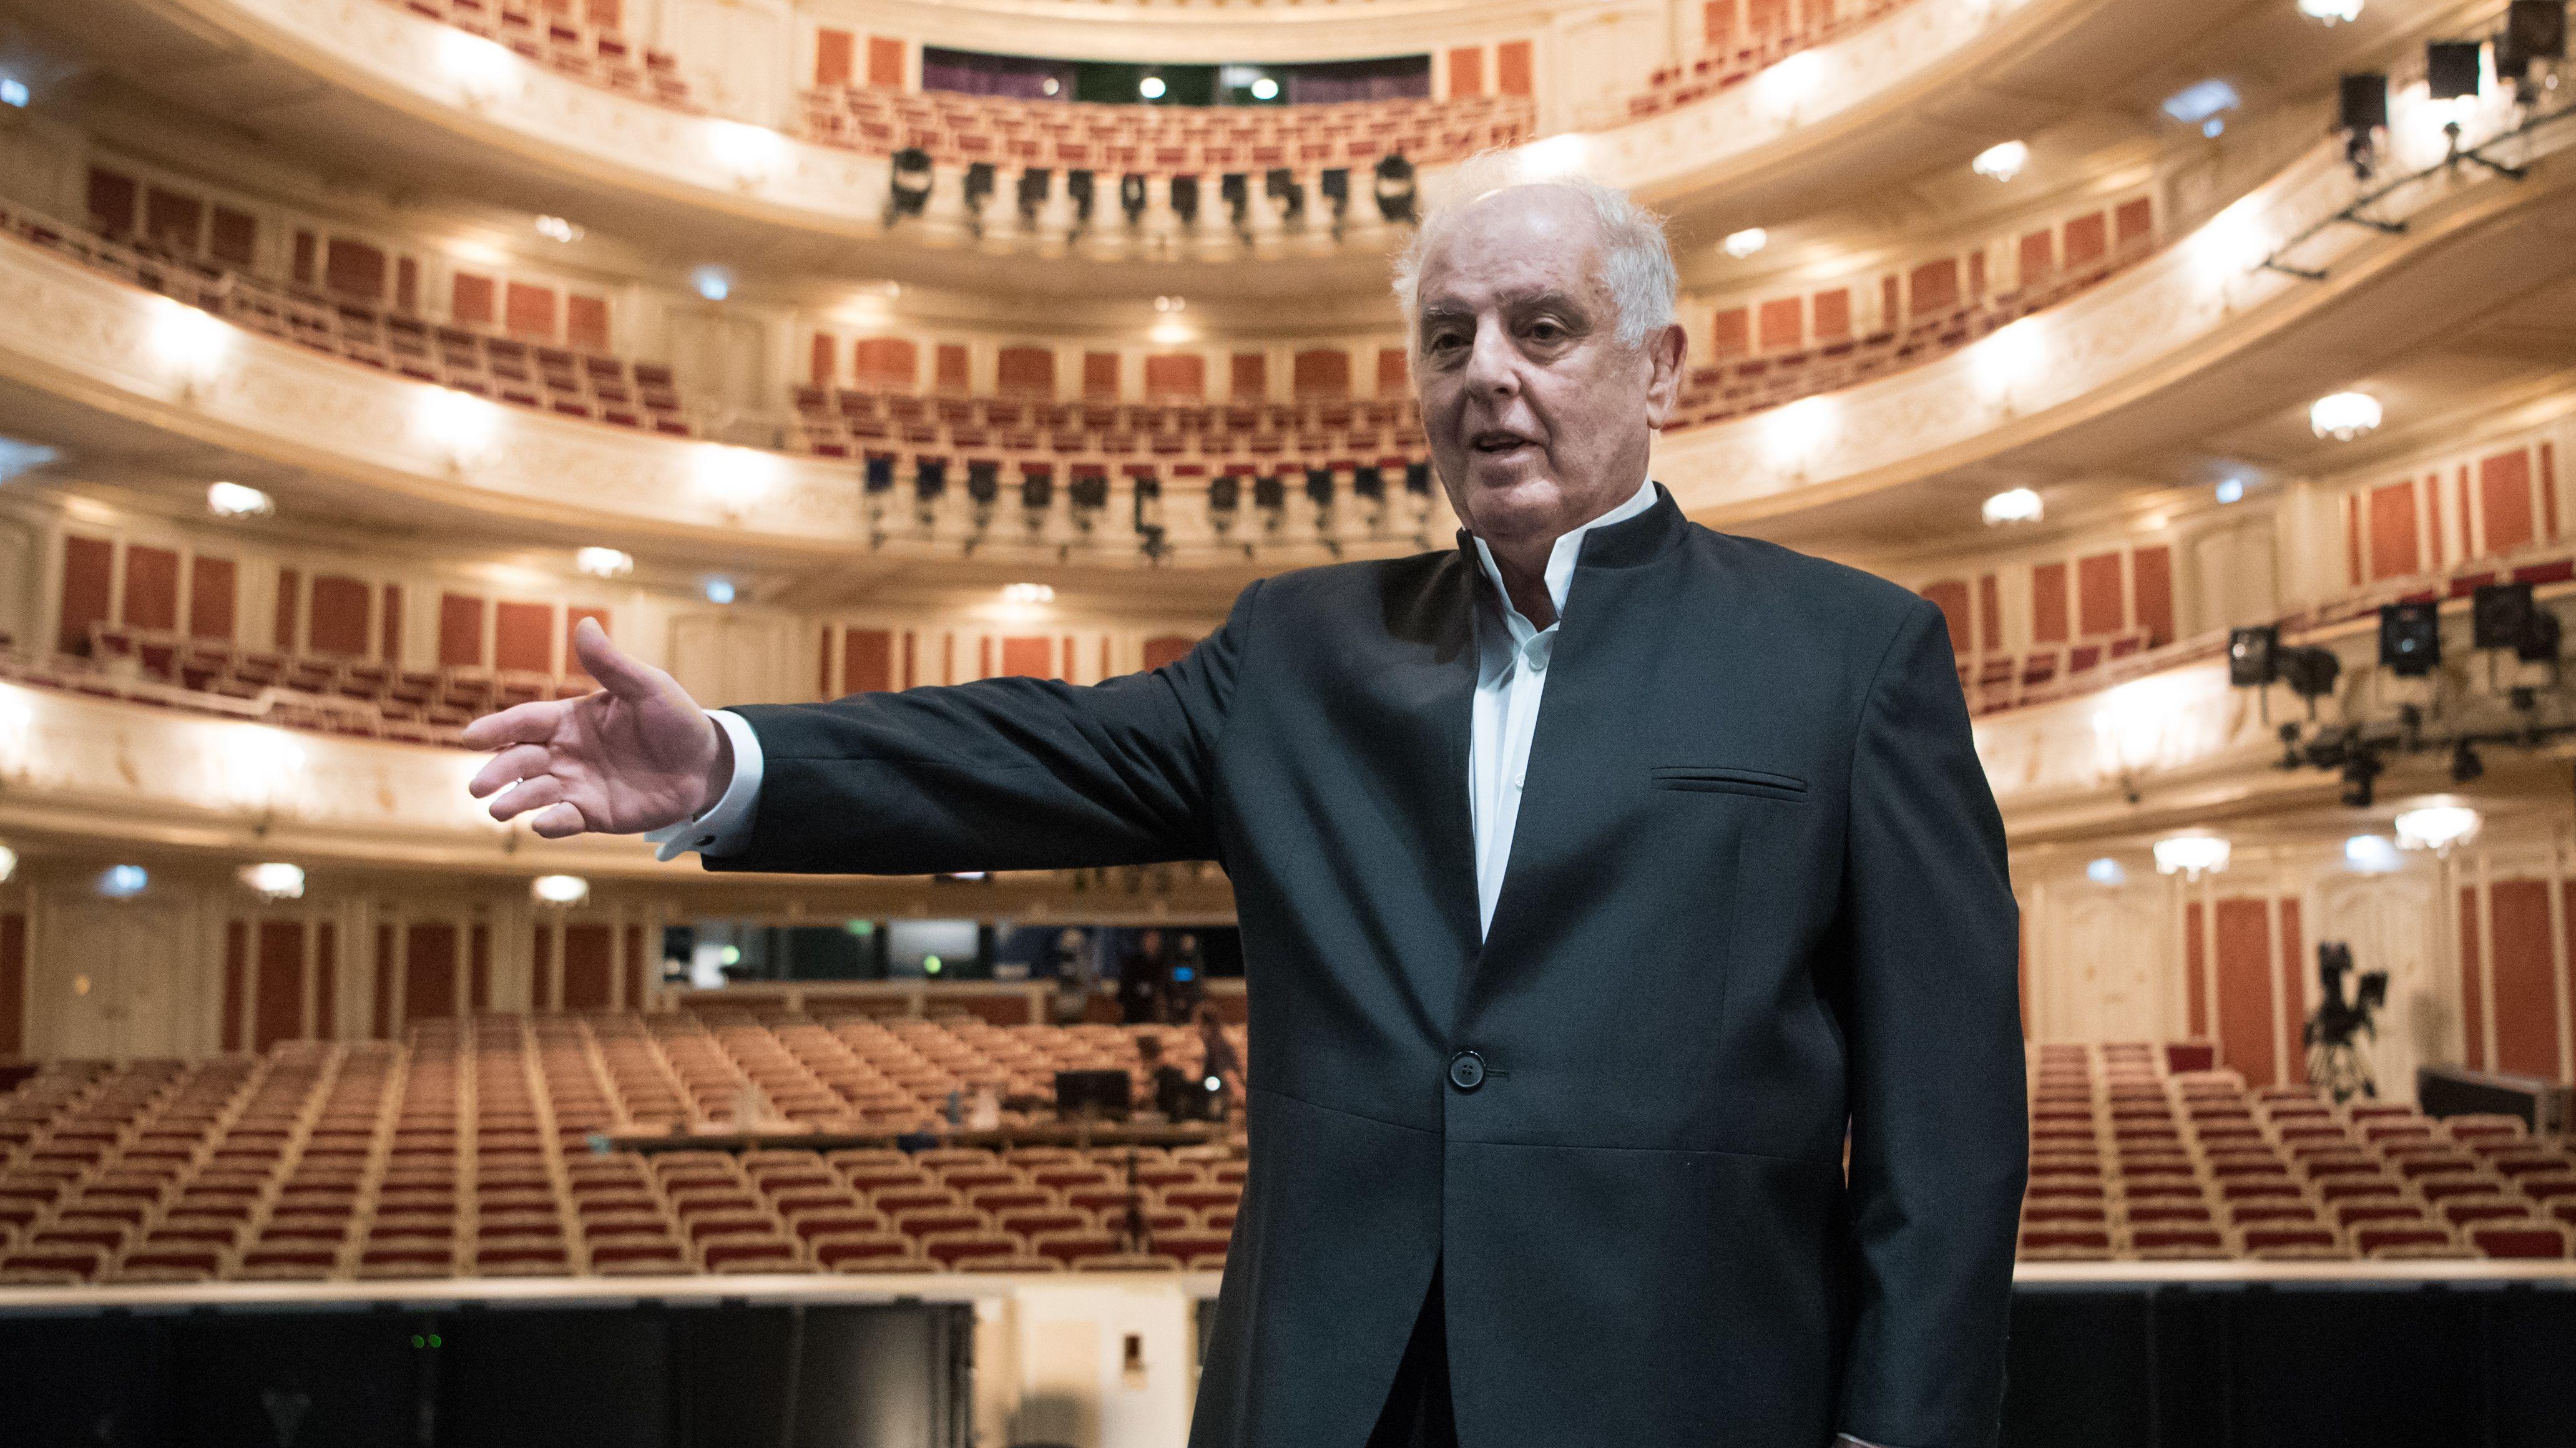 Dirigent Daniel Barenboim in der Berliner Staatsoper